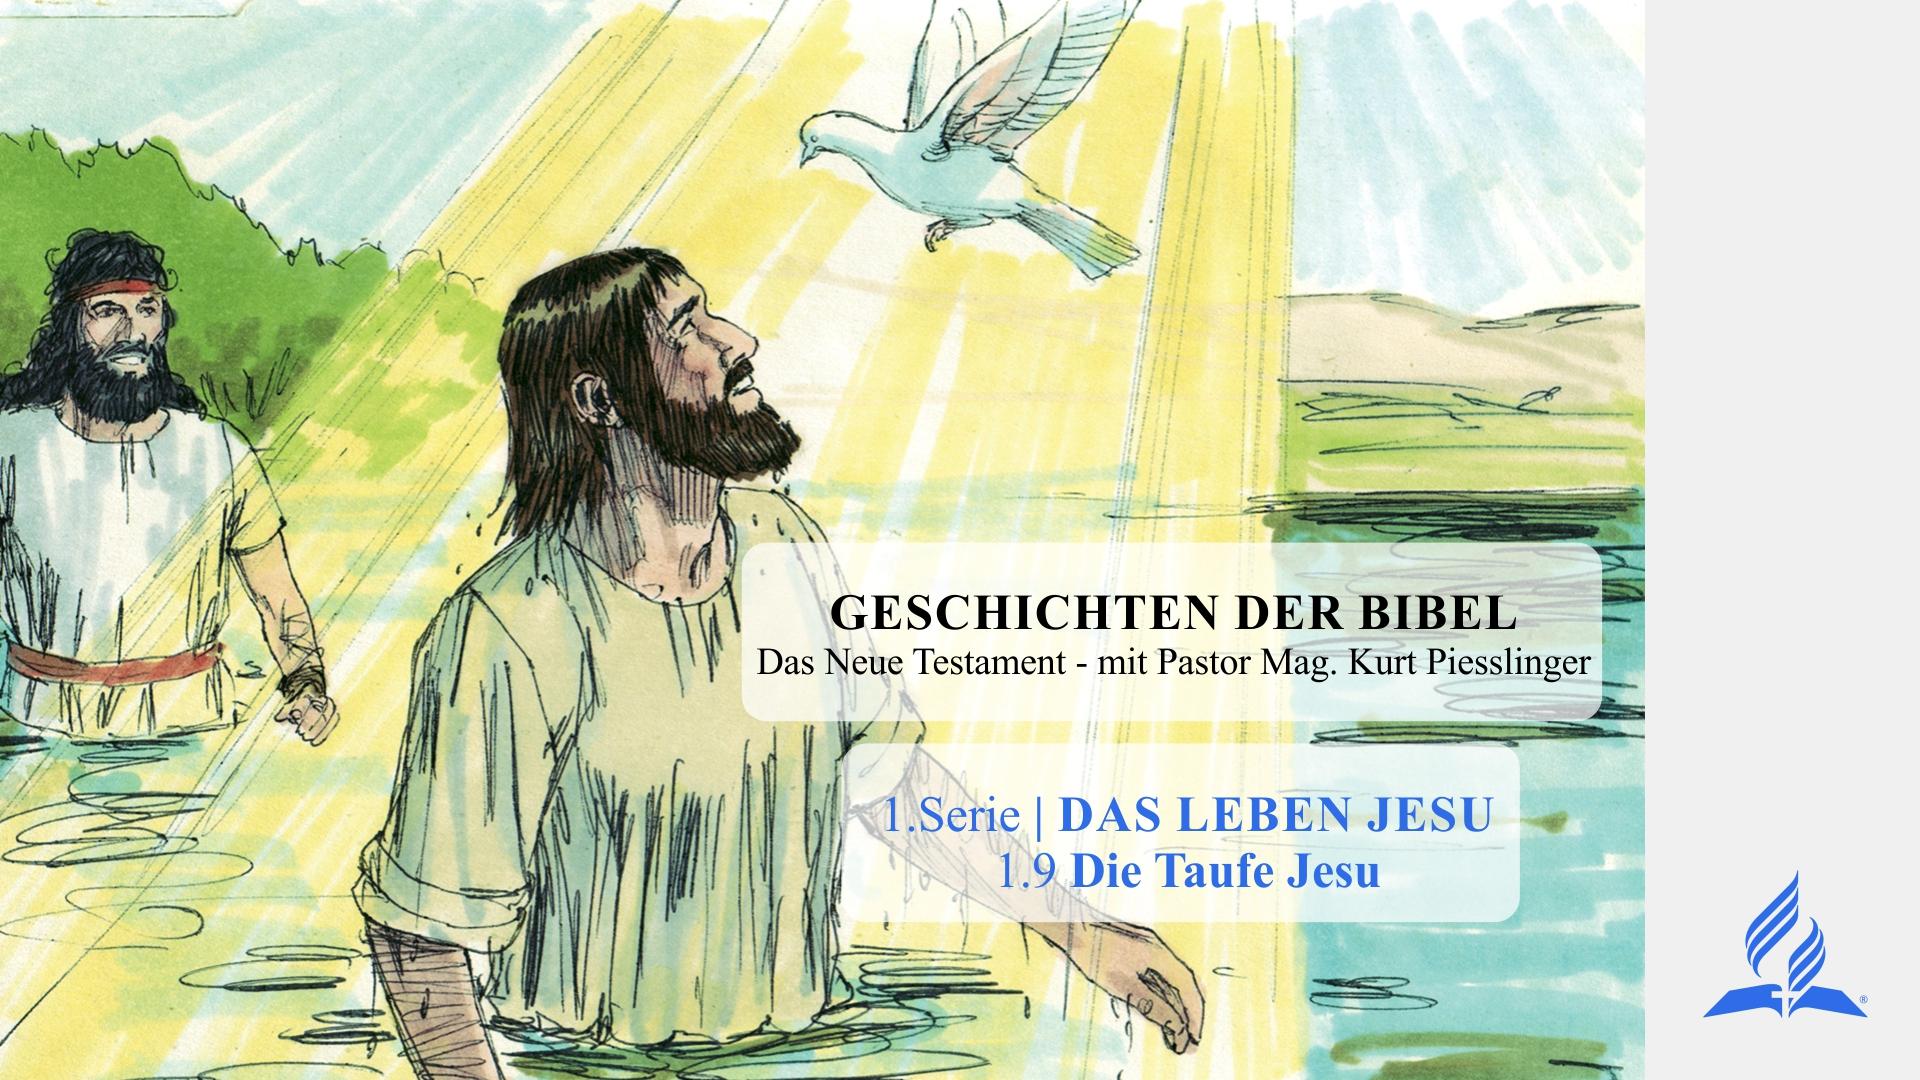 GESCHICHTEN DER BIBEL: 1.9 Die Taufe Jesu – 1.DAS LEBEN JESU | Pastor Mag. Kurt Piesslinger